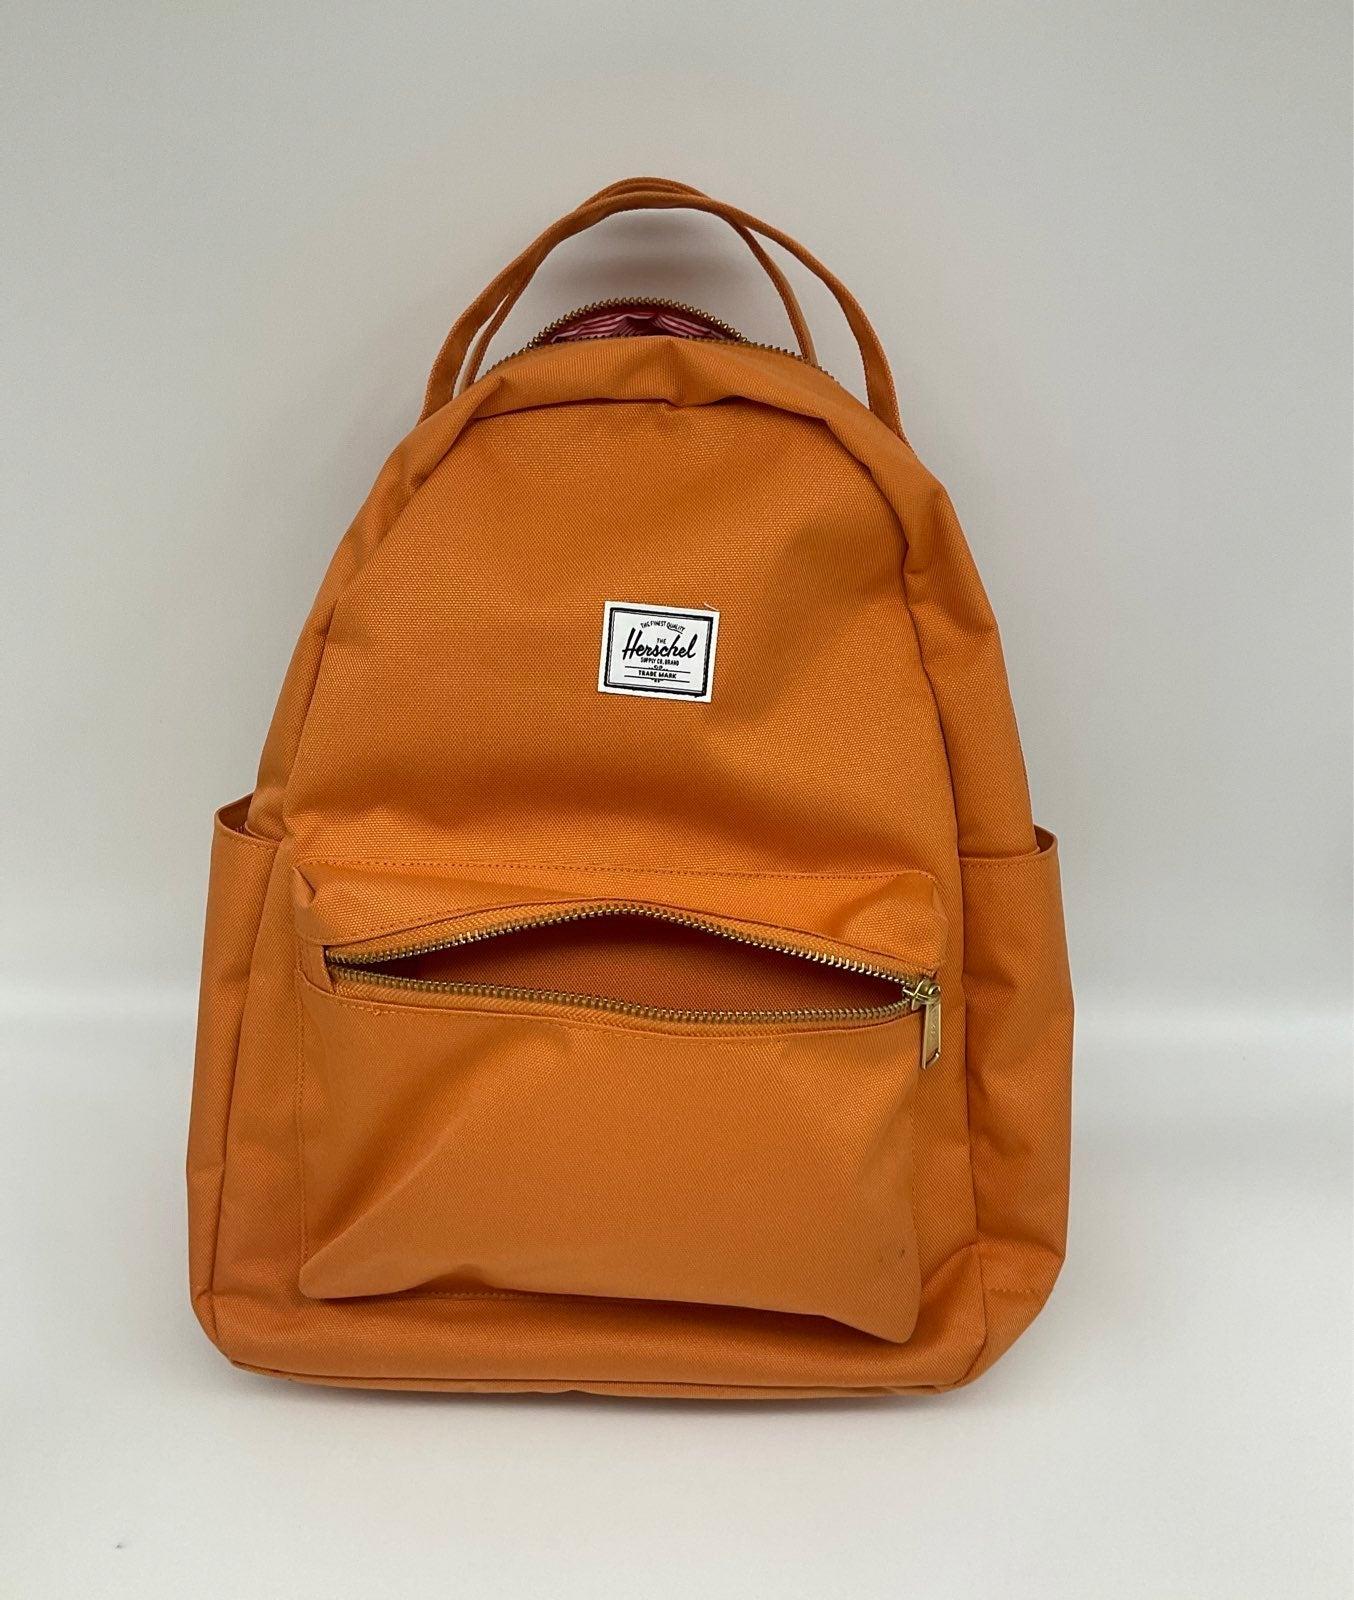 Herschel Sunburst backpack